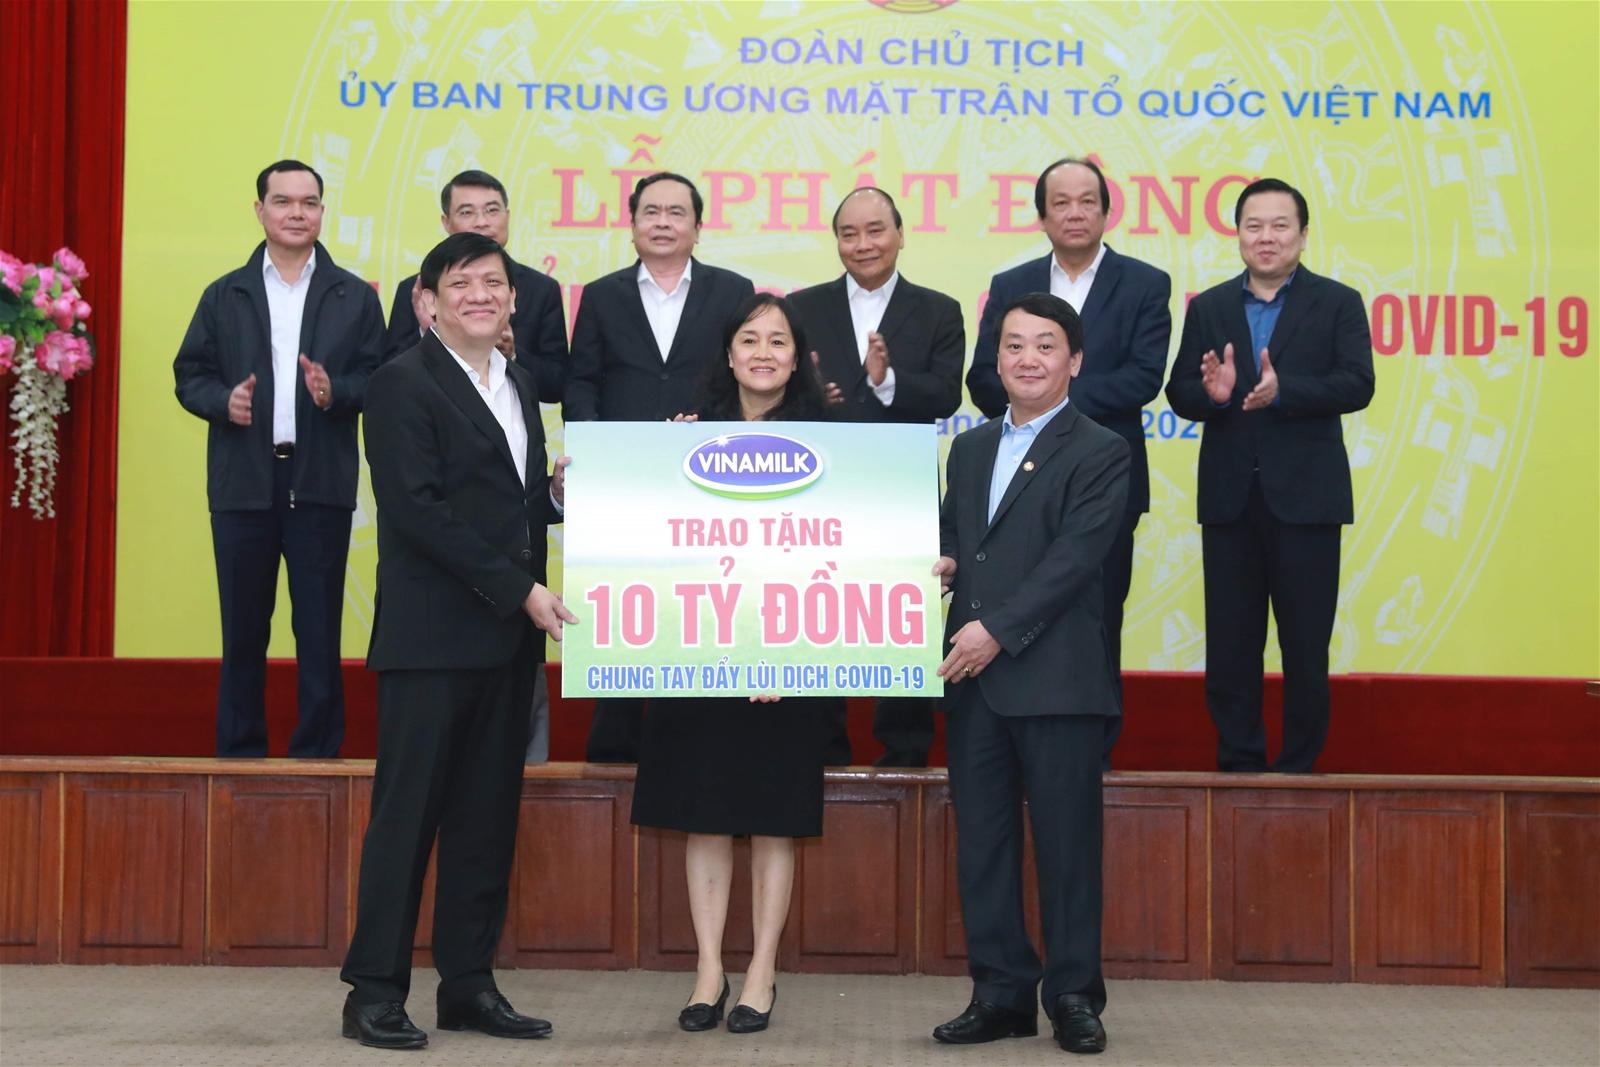 Vinamilk - thương hiệu dẫn đầu Việt Nam trong 1000 thương hiệu hàng đầu châu Á